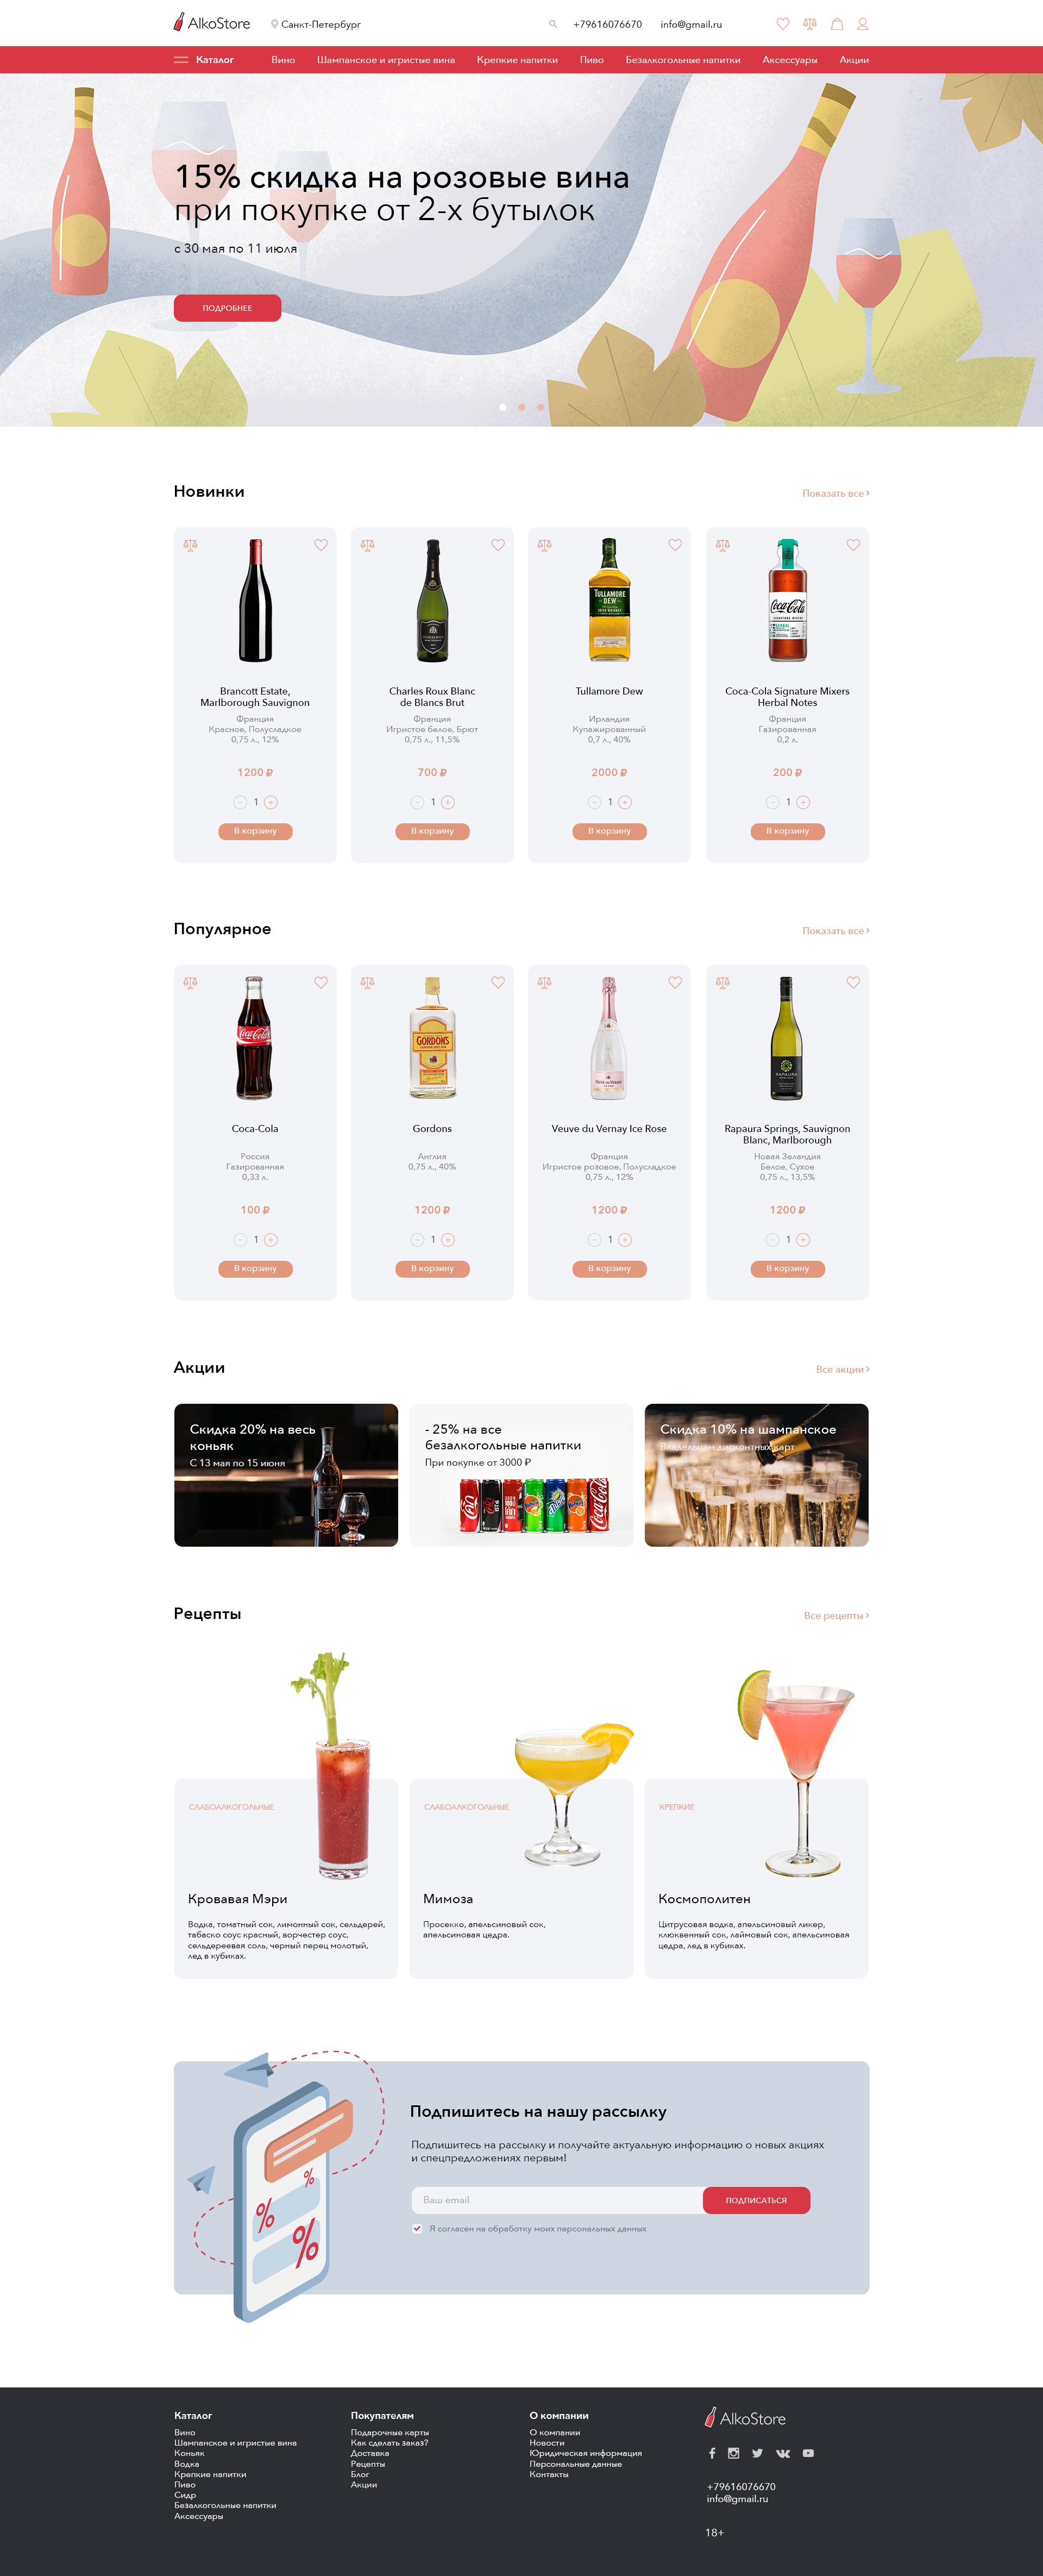 Интернет-магазин алкогольной продукции